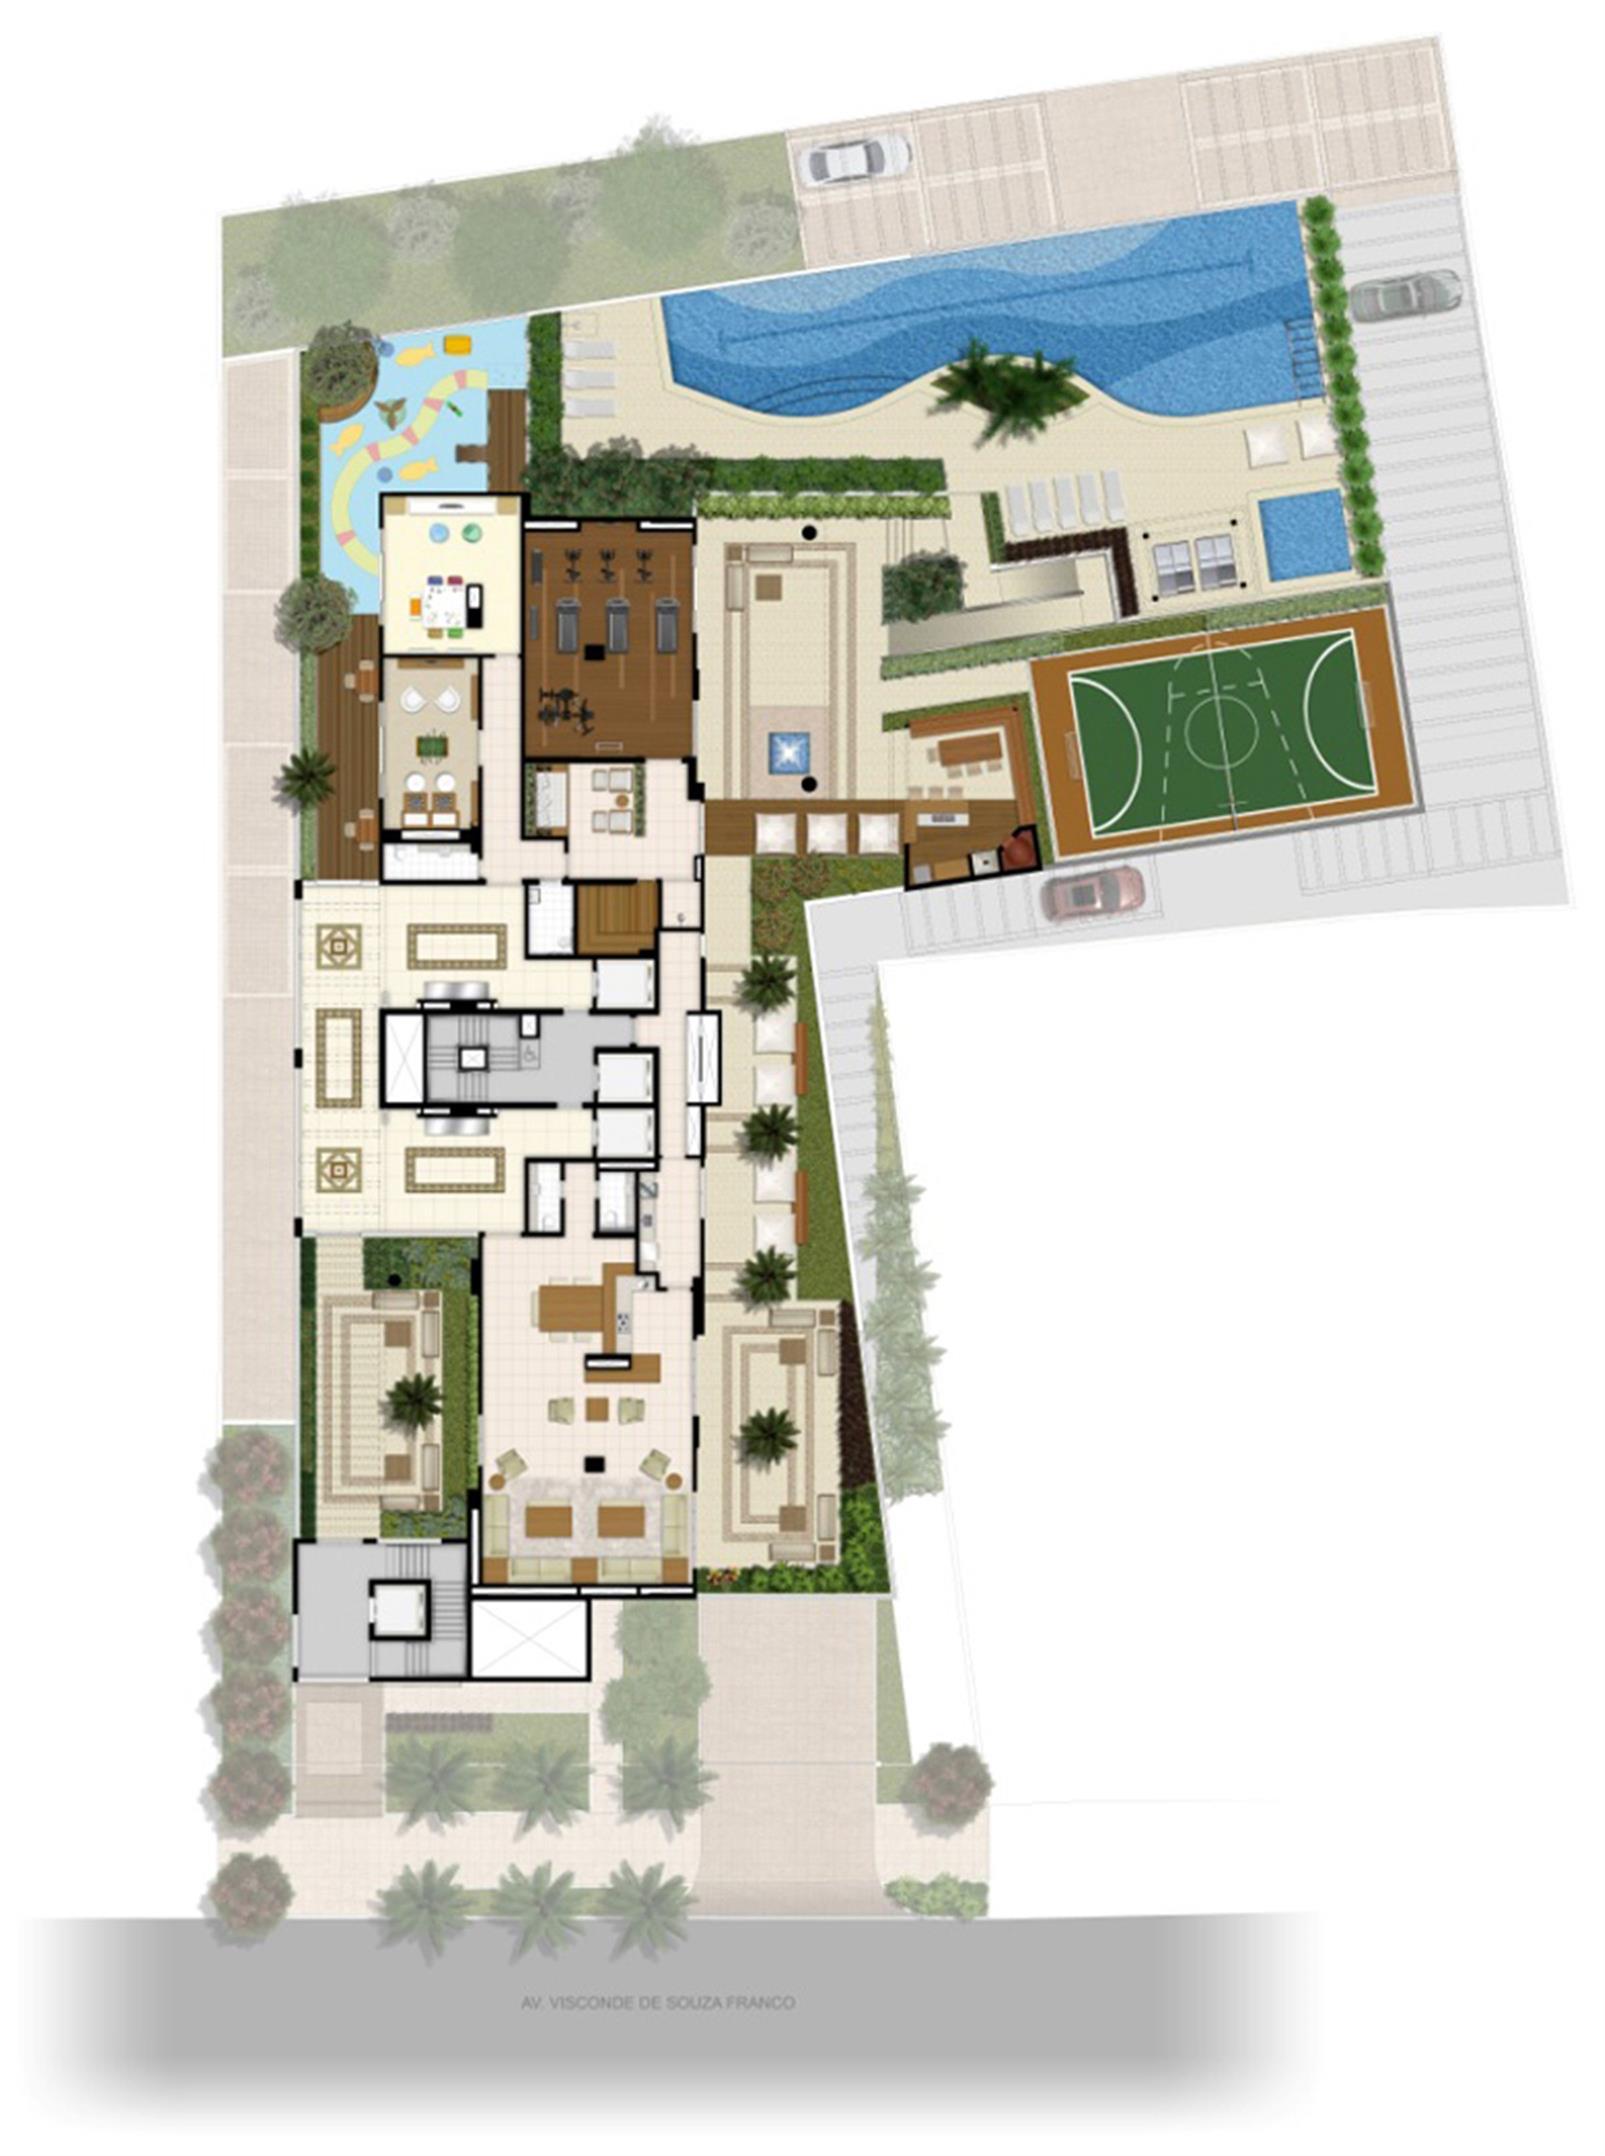 Perspectiva ilustrada Implantação | 395 Place – Apartamentoem  Umarizal  - Belém - Pará